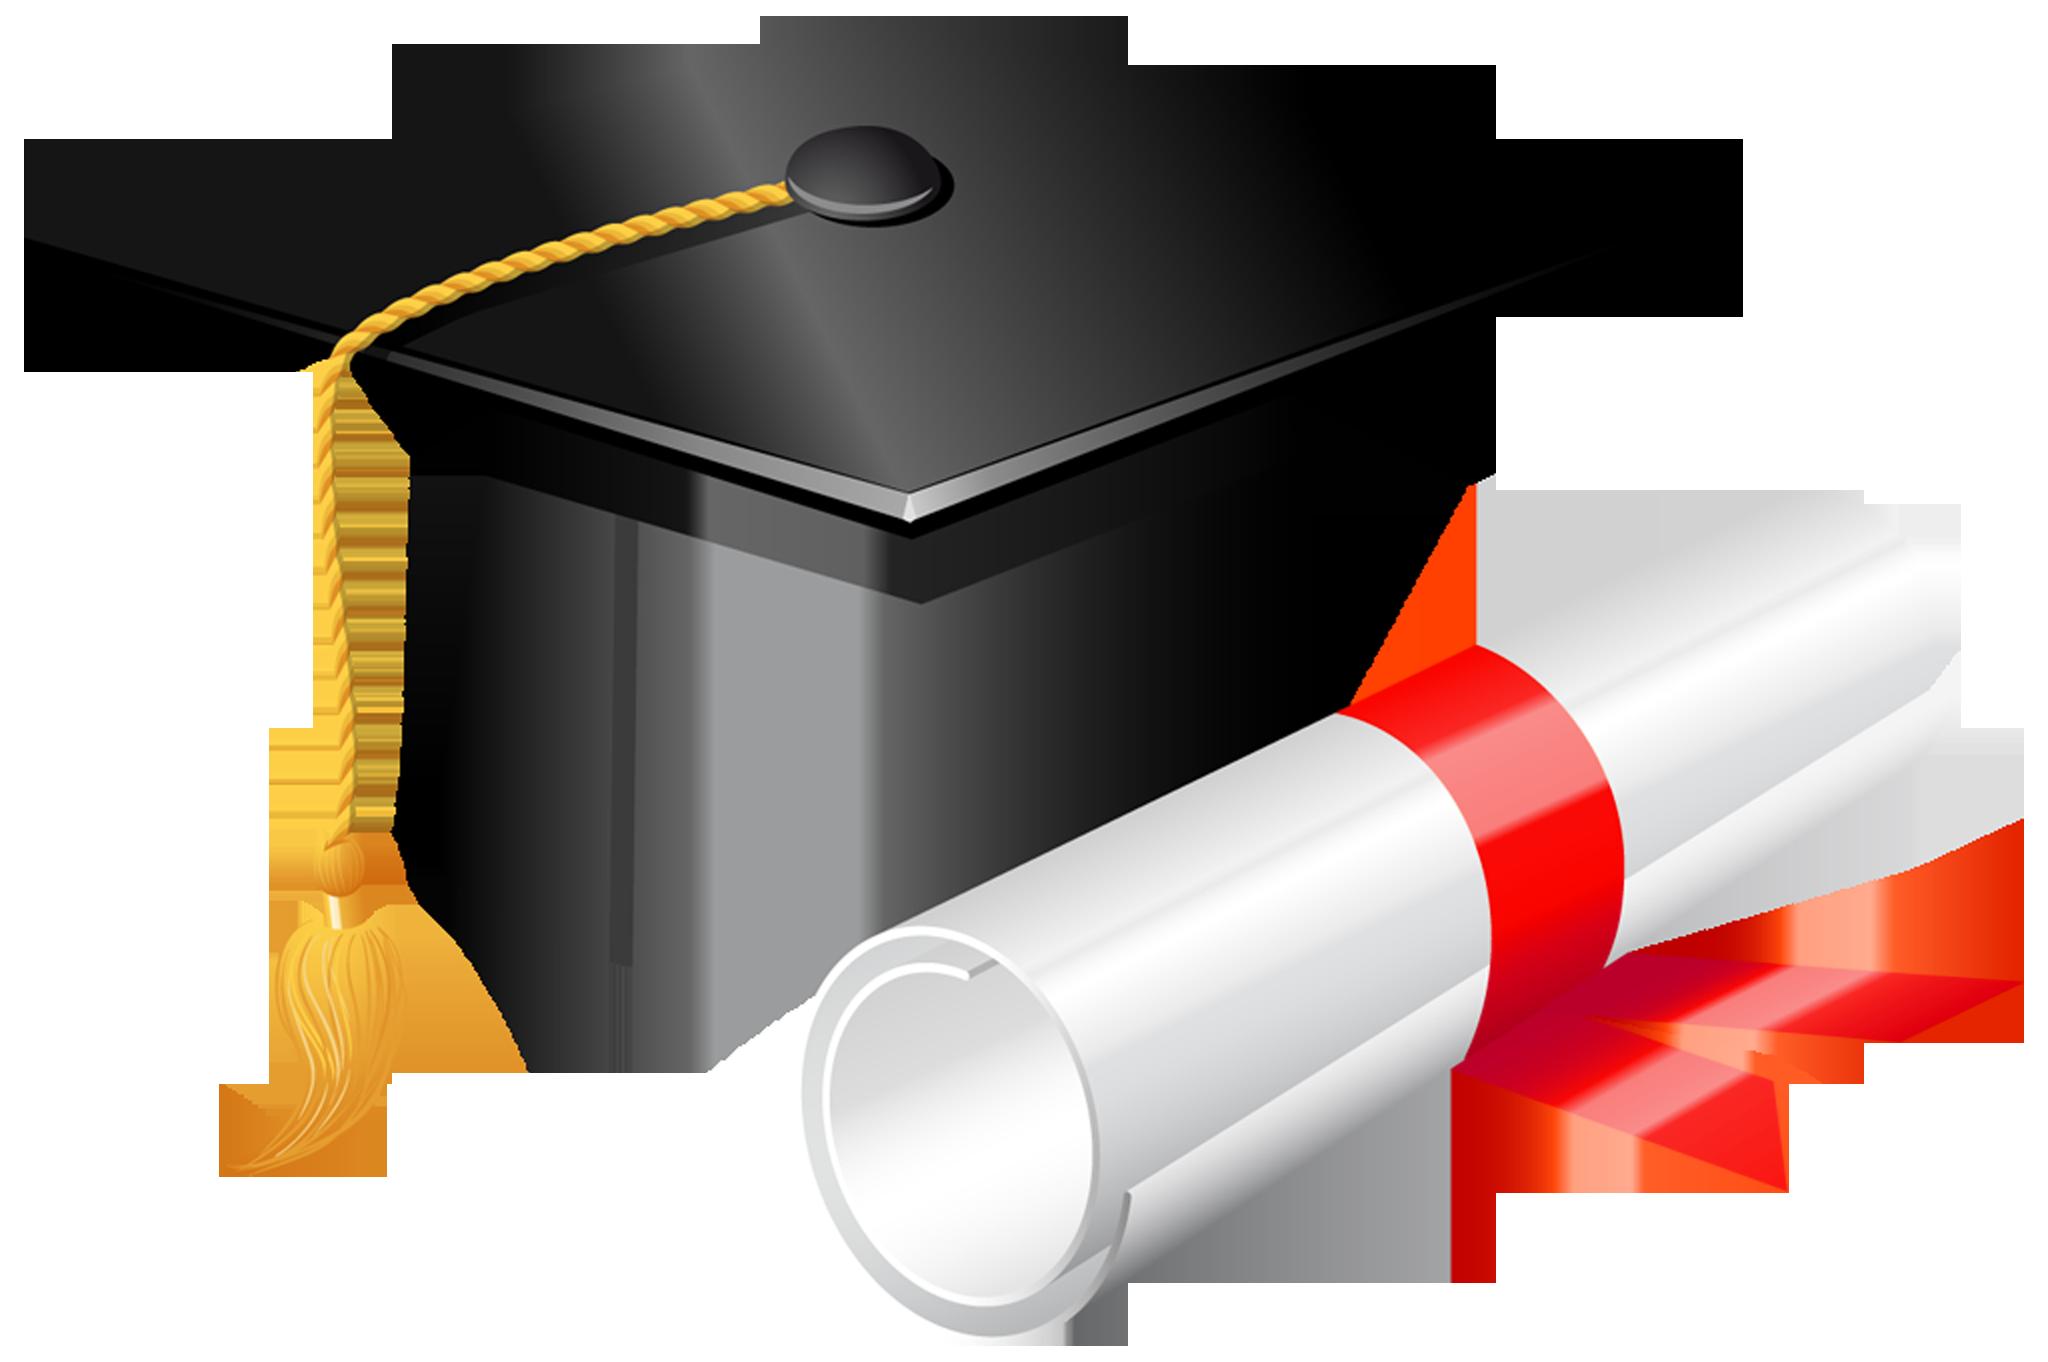 Arch clipart graduation Cap graduation Clipart Clipart with